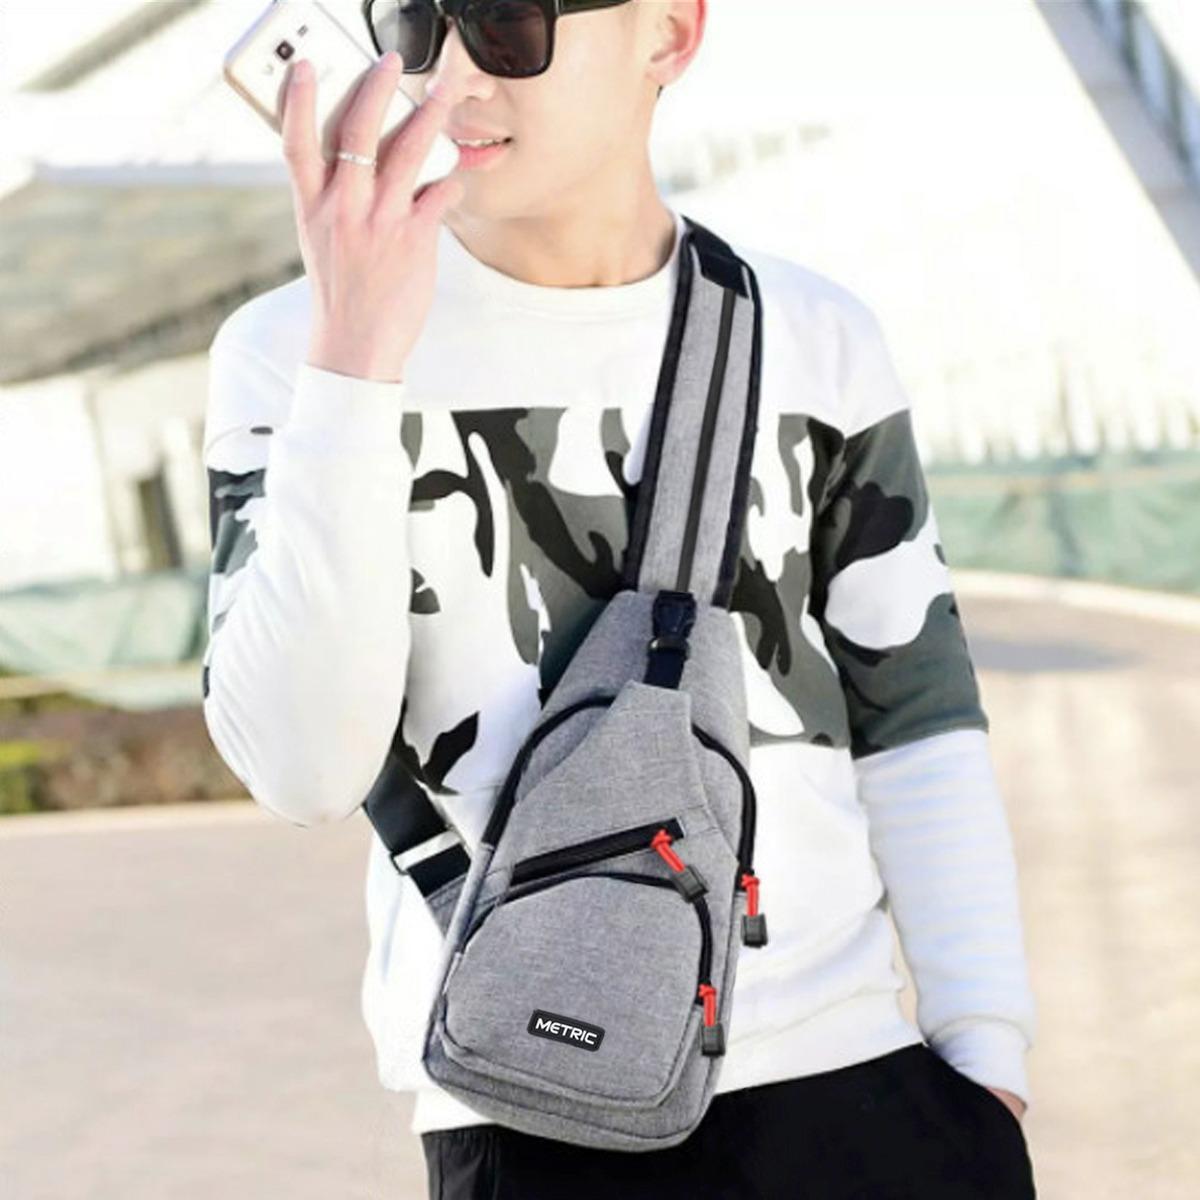 Harga Termurah Metric Tas Ransel Tas Waistbag Tas Selempang Tas Gadget Size 10 Inchi Bisa Ransel Tali Satu Dan Ransel Tali Dua Grey